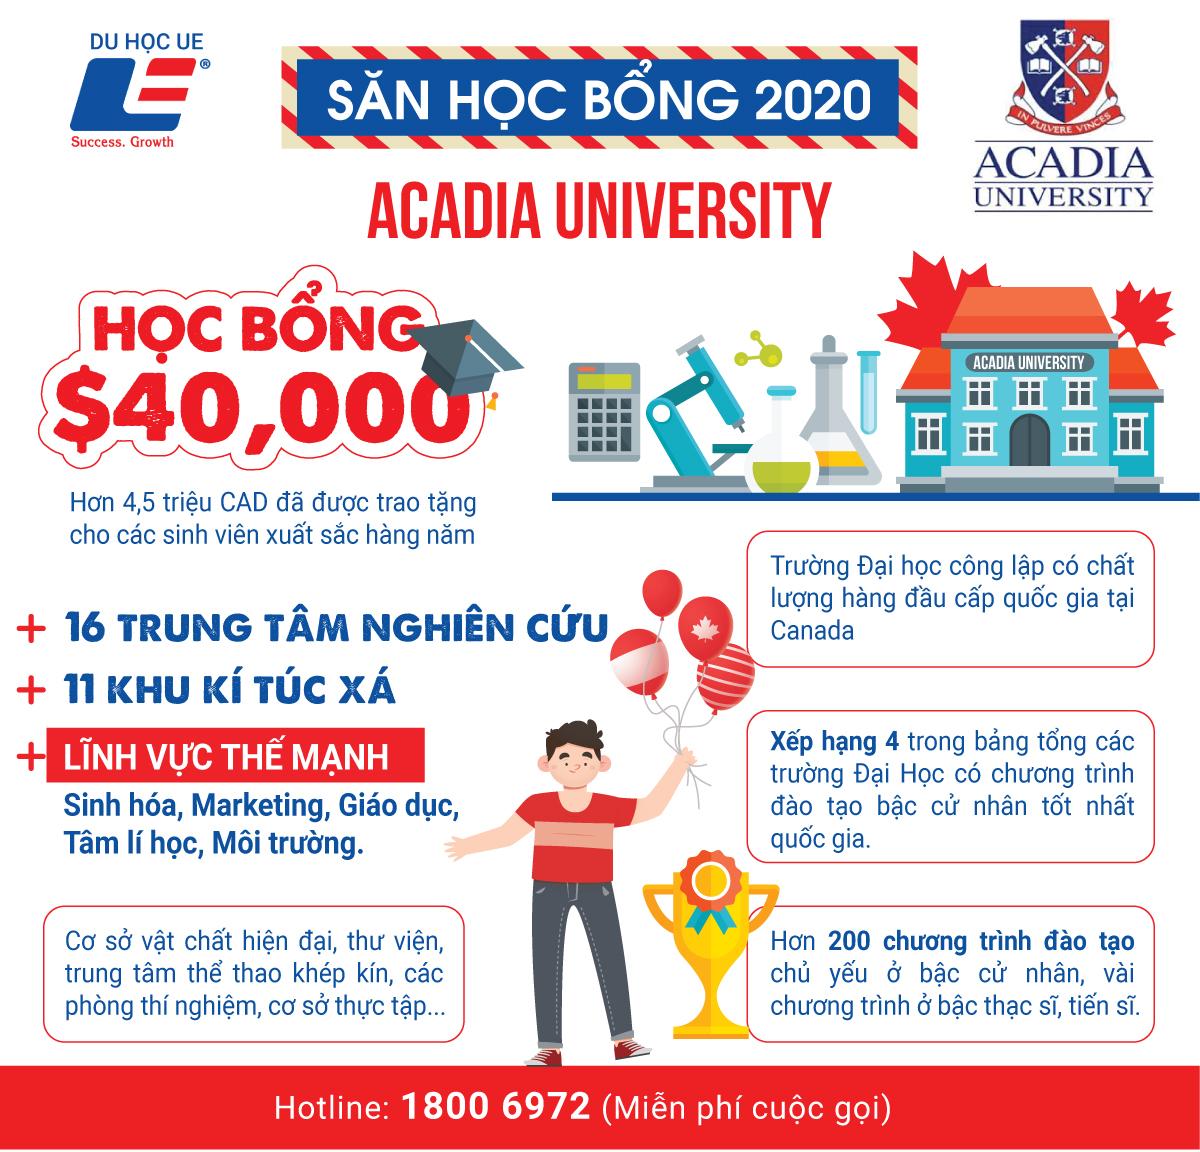 Nhanh tay ẵm học bổng 40.000 tại Acadia University